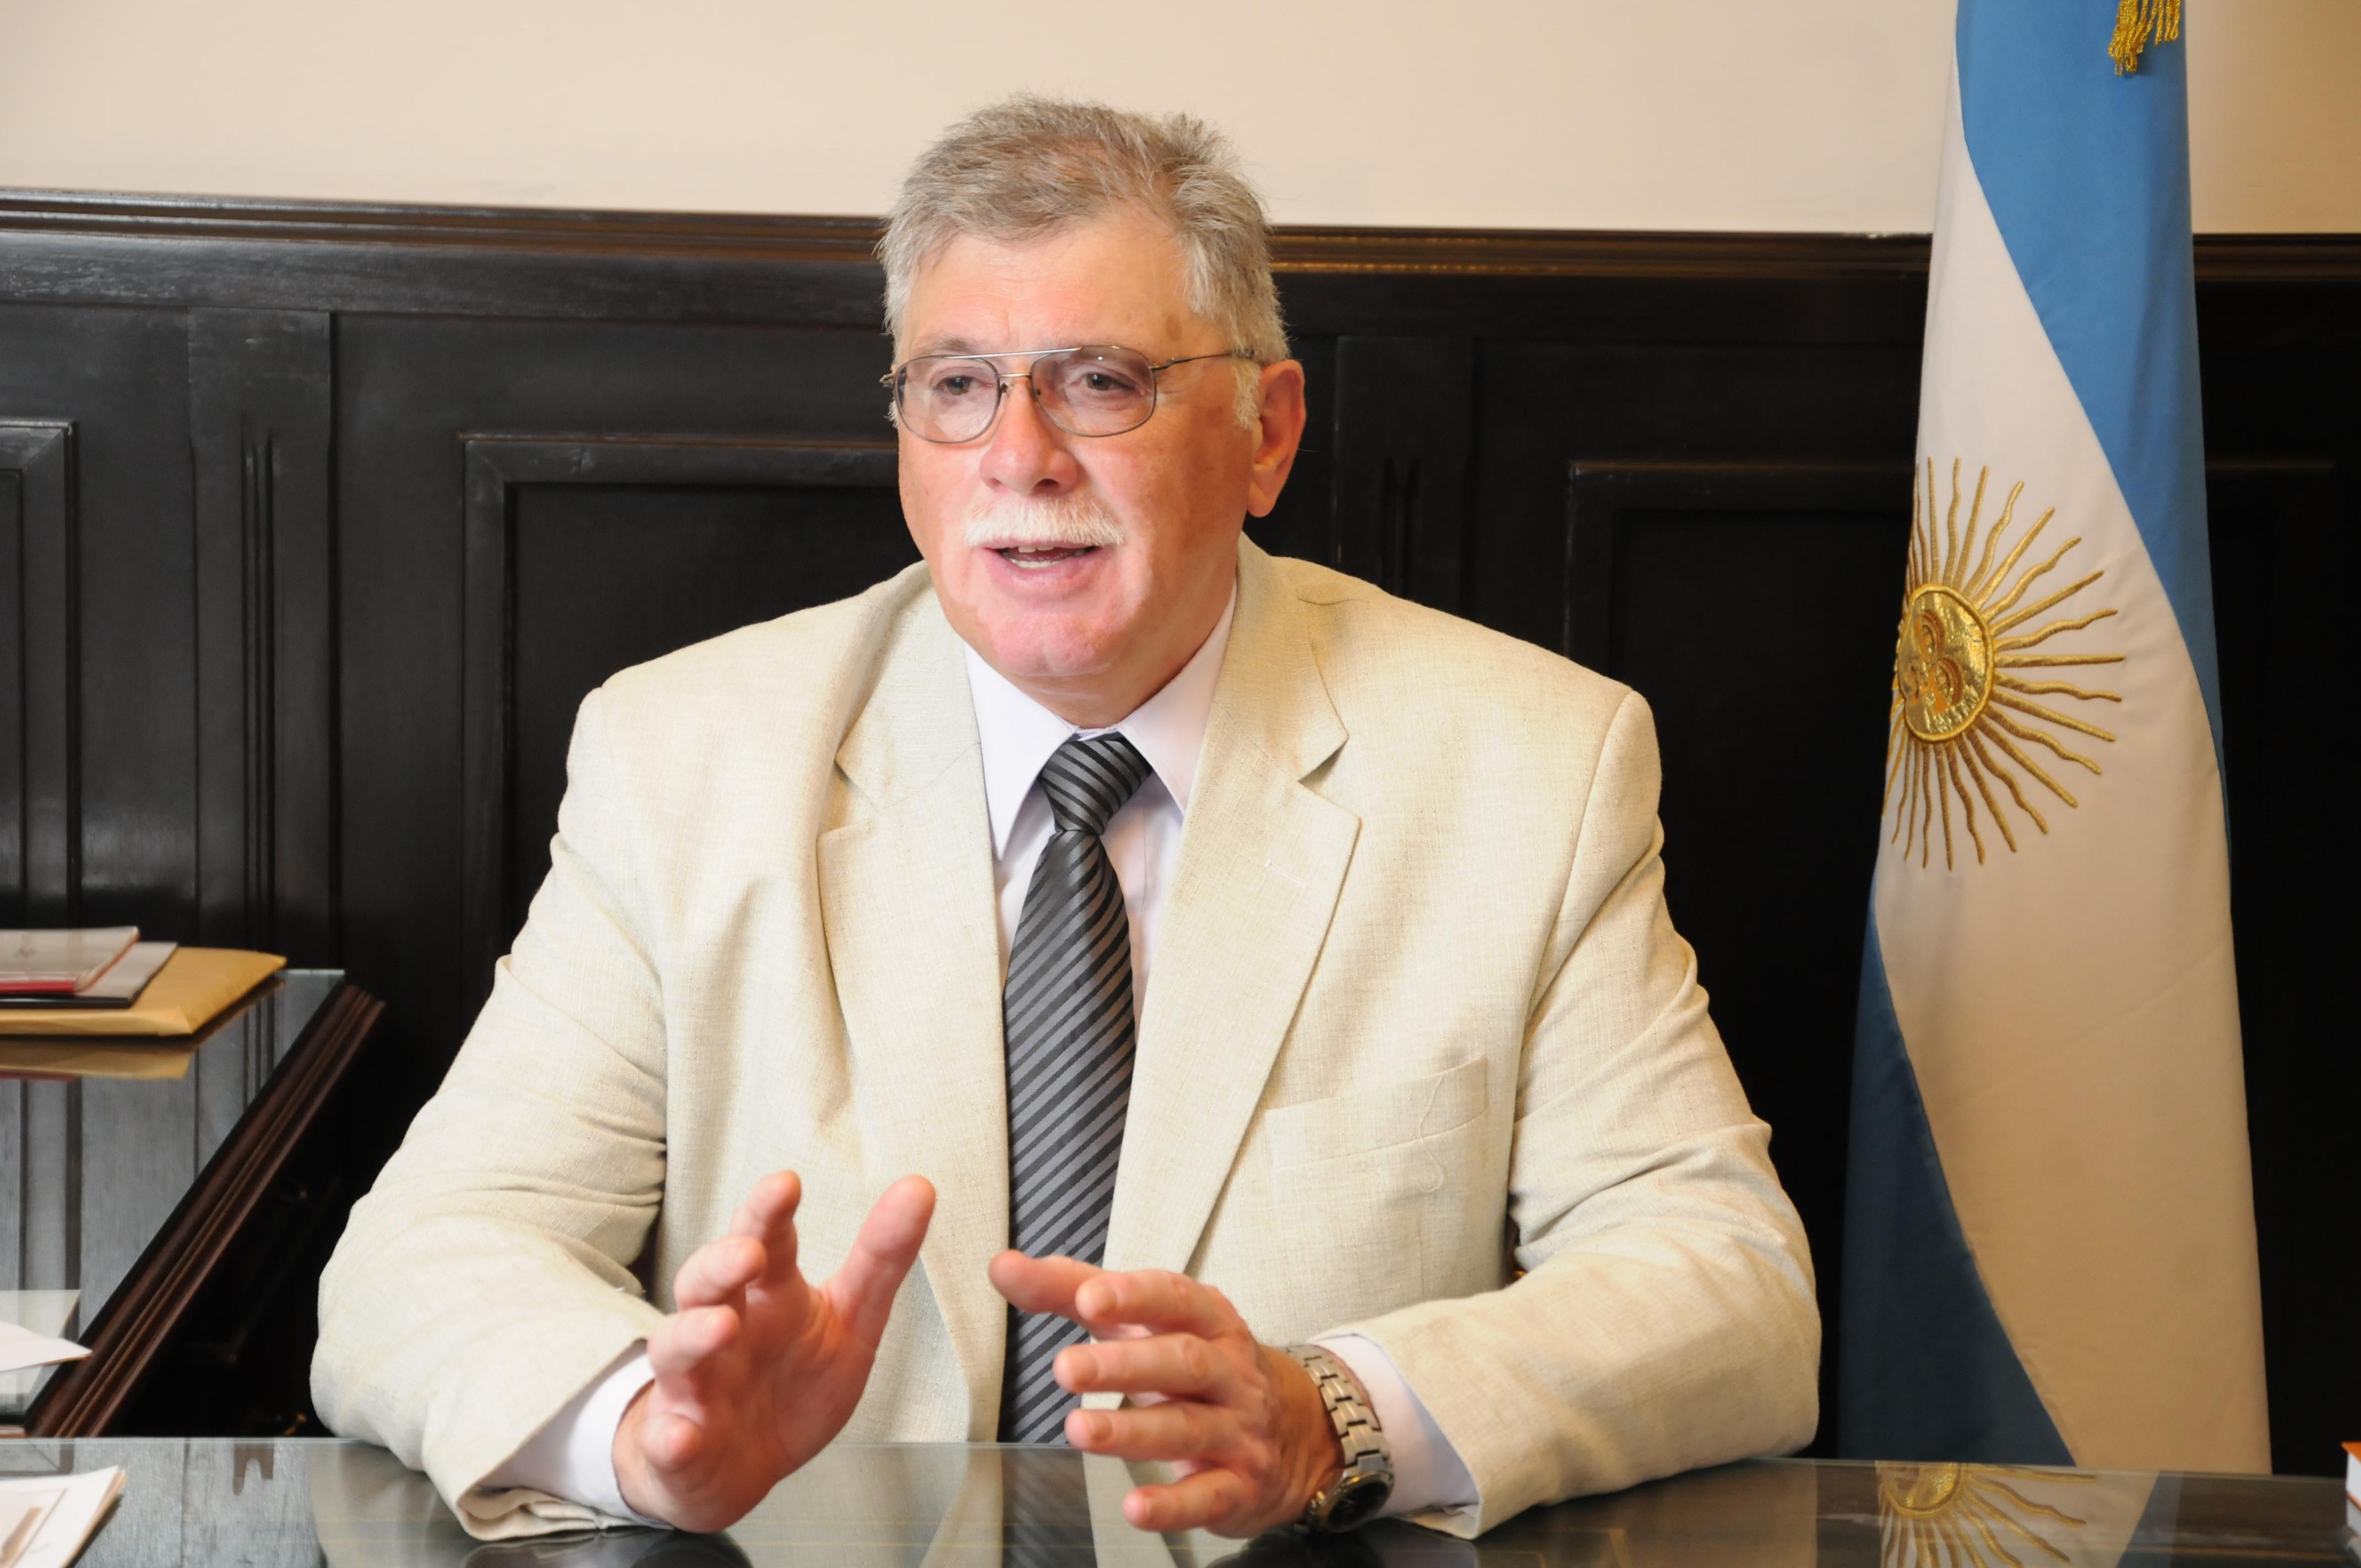 El Senador Horacio López presentó un Proyecto de Ley que beneficia a los hijos estudiantes de los Bomberos Voluntarios